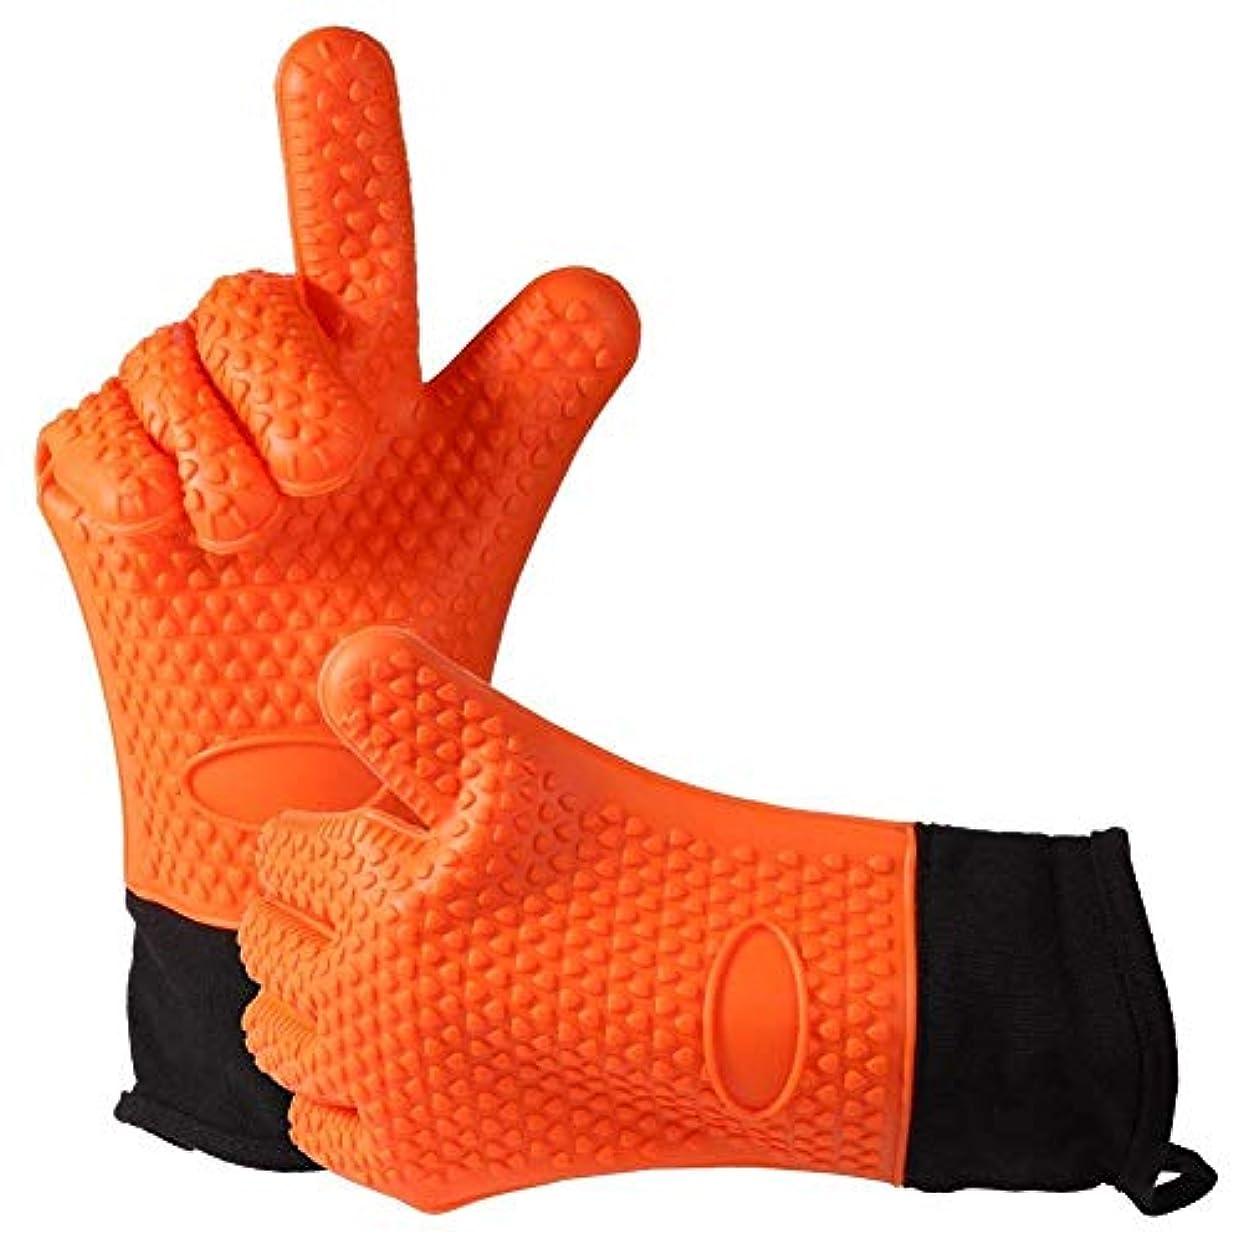 本質的ではない盗難思い出す手袋 耐熱グローブ シリコン ンオーブン 一对